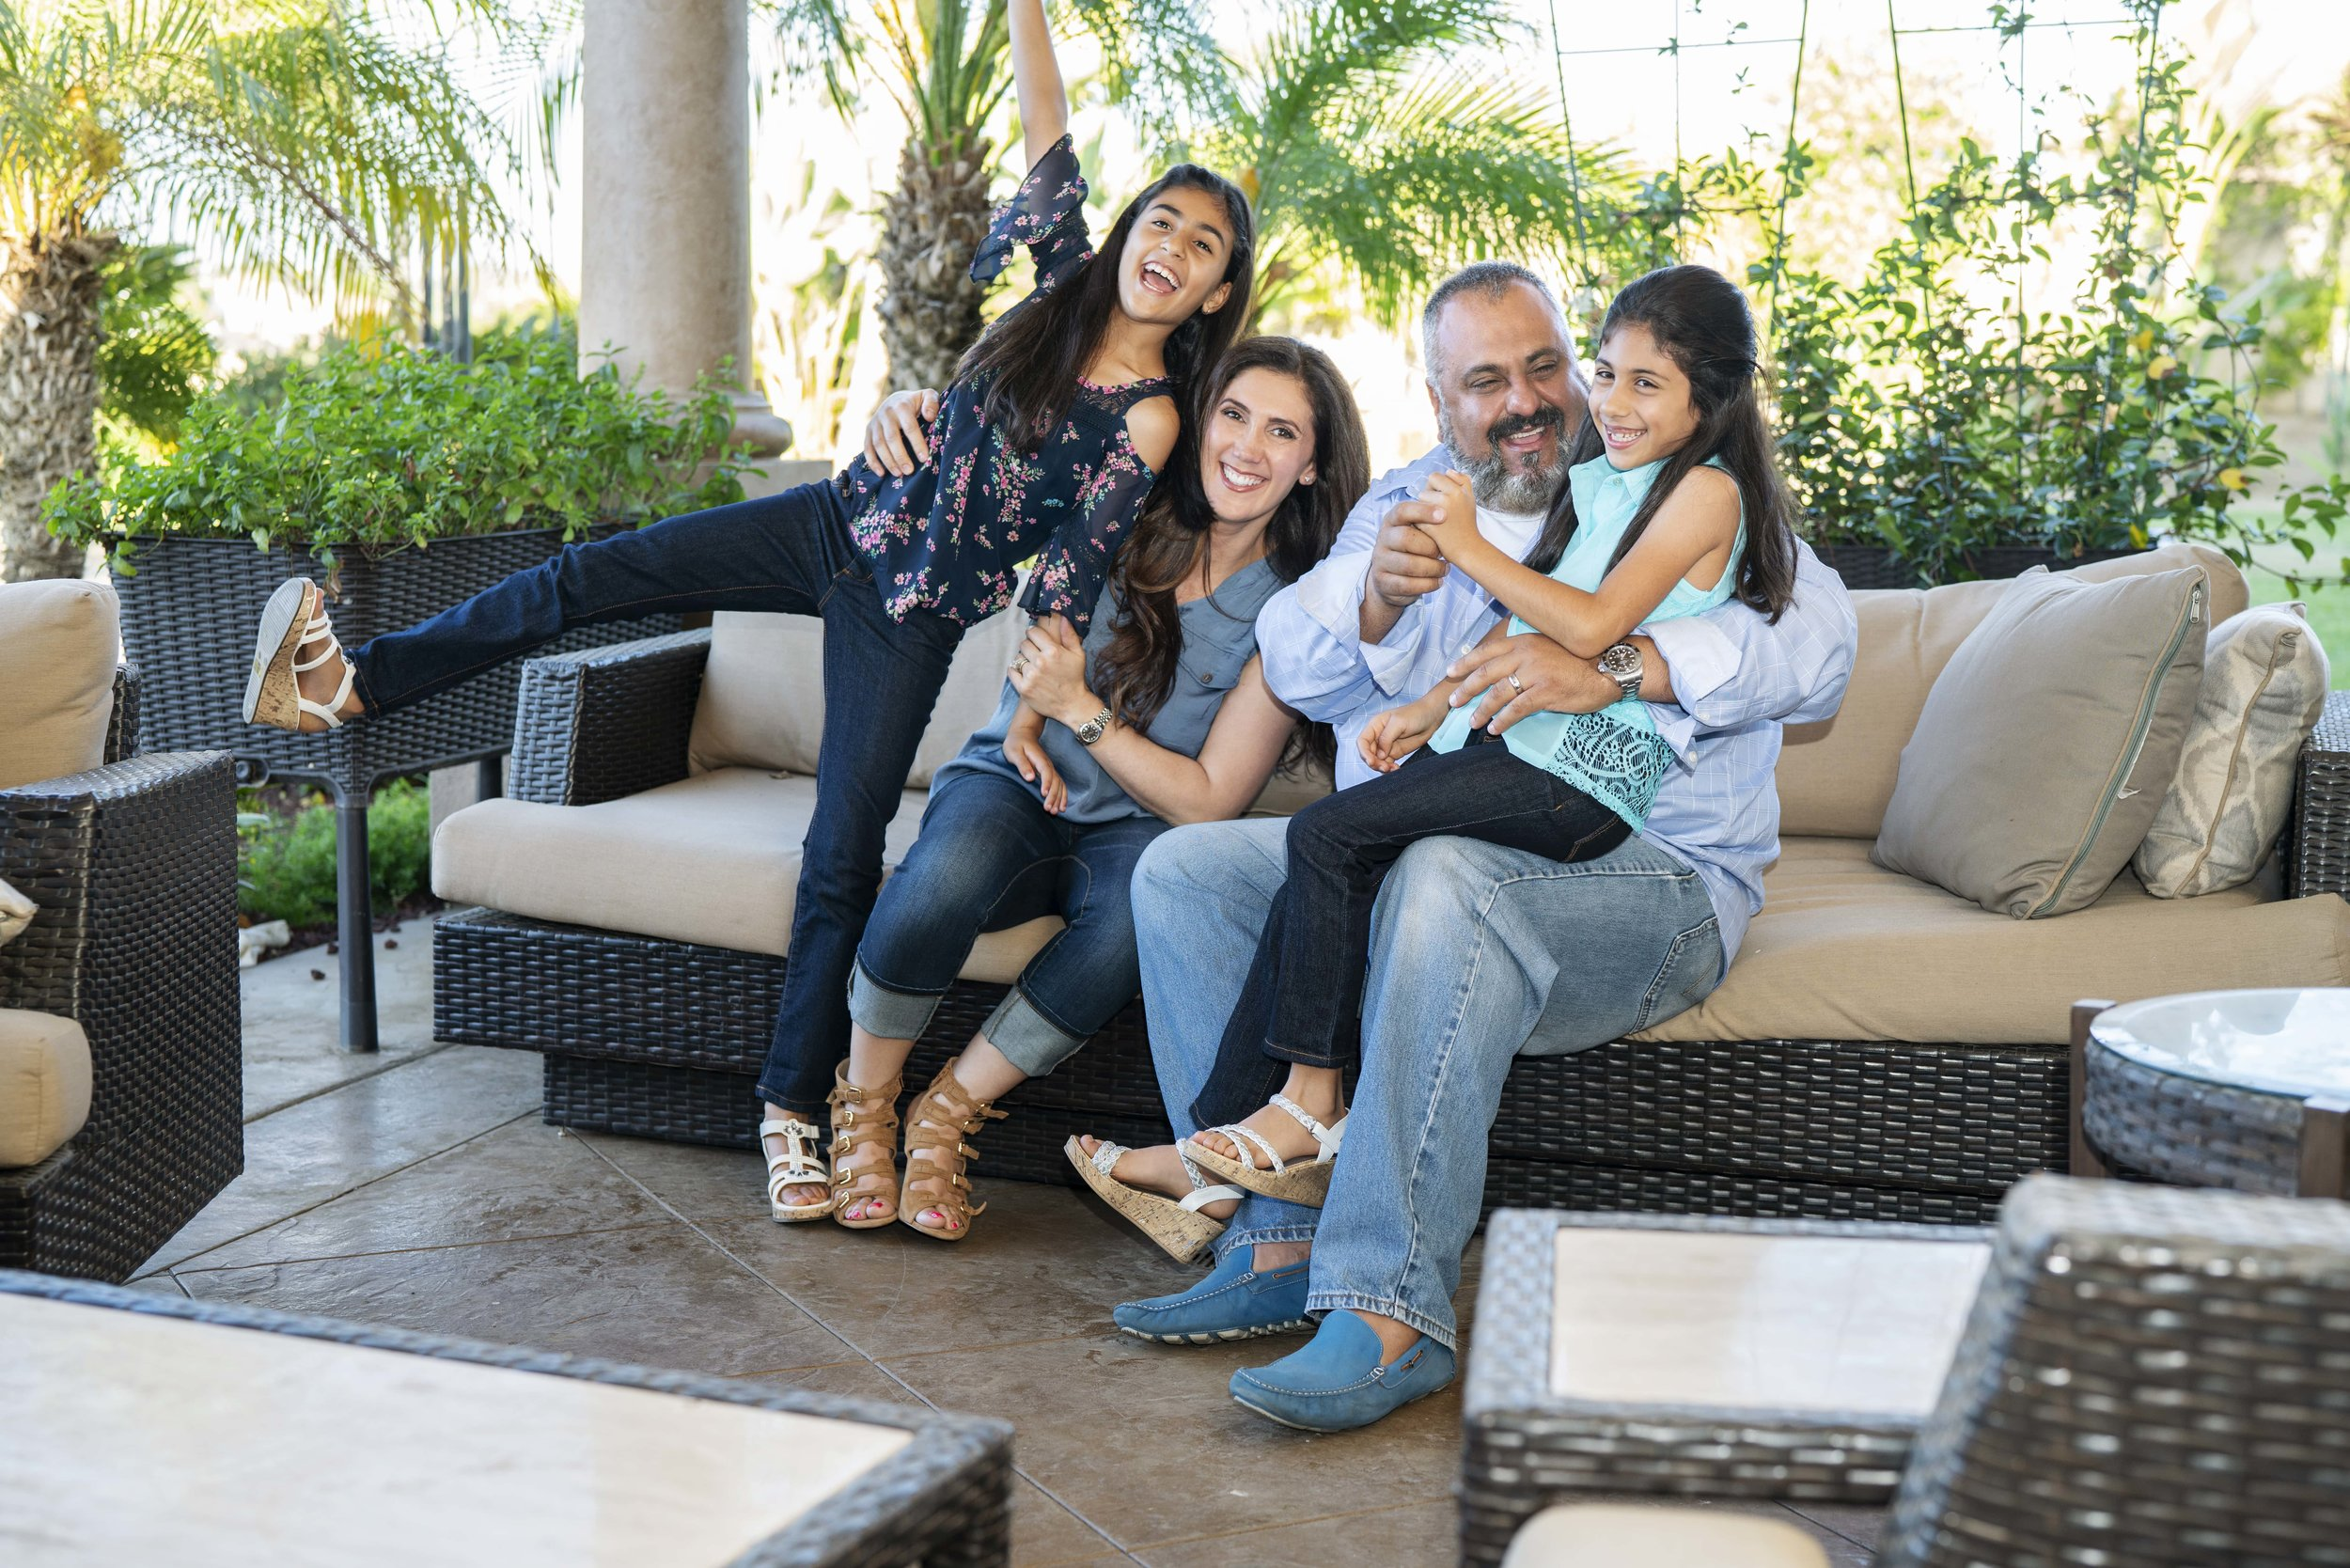 Ali_Family_Portraits_29-min.jpg